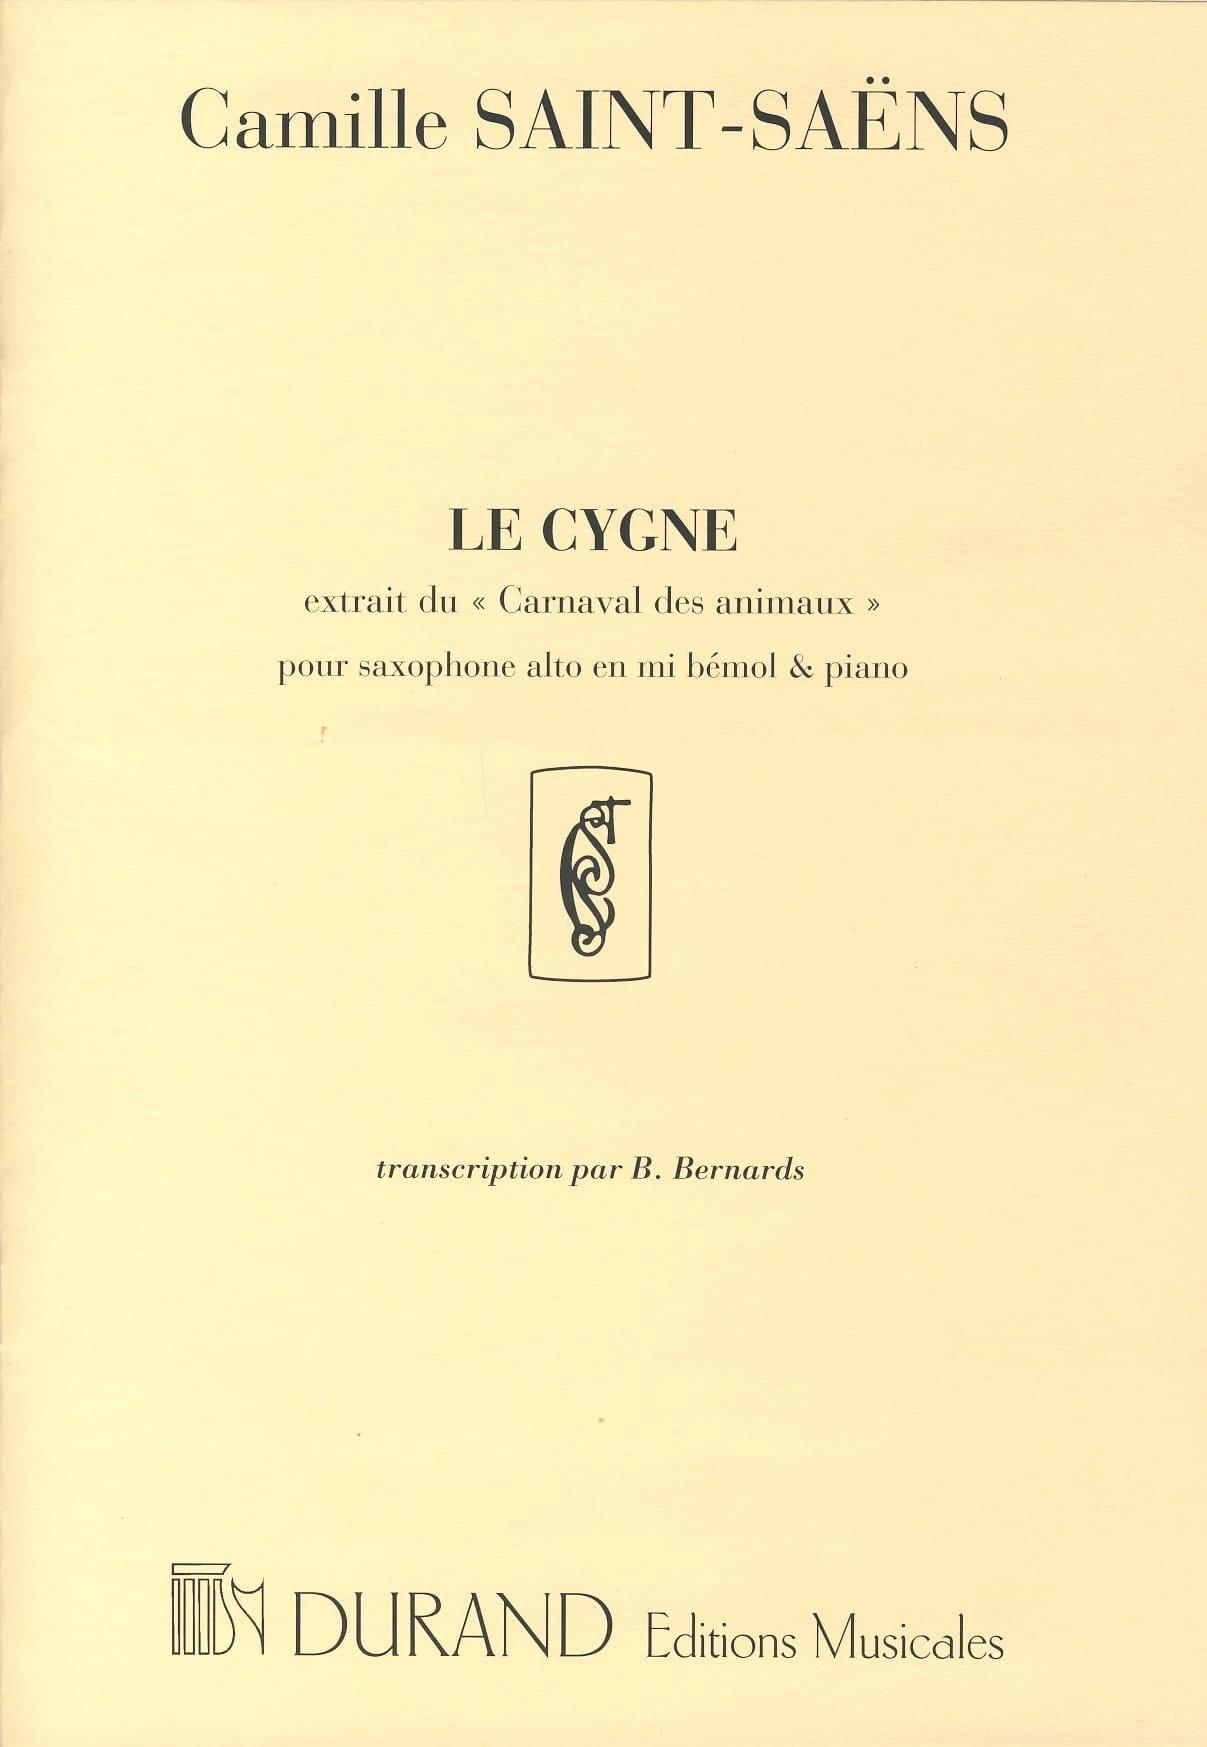 Le Cygne - SAINT-SAËNS - Partition - Saxophone - laflutedepan.com